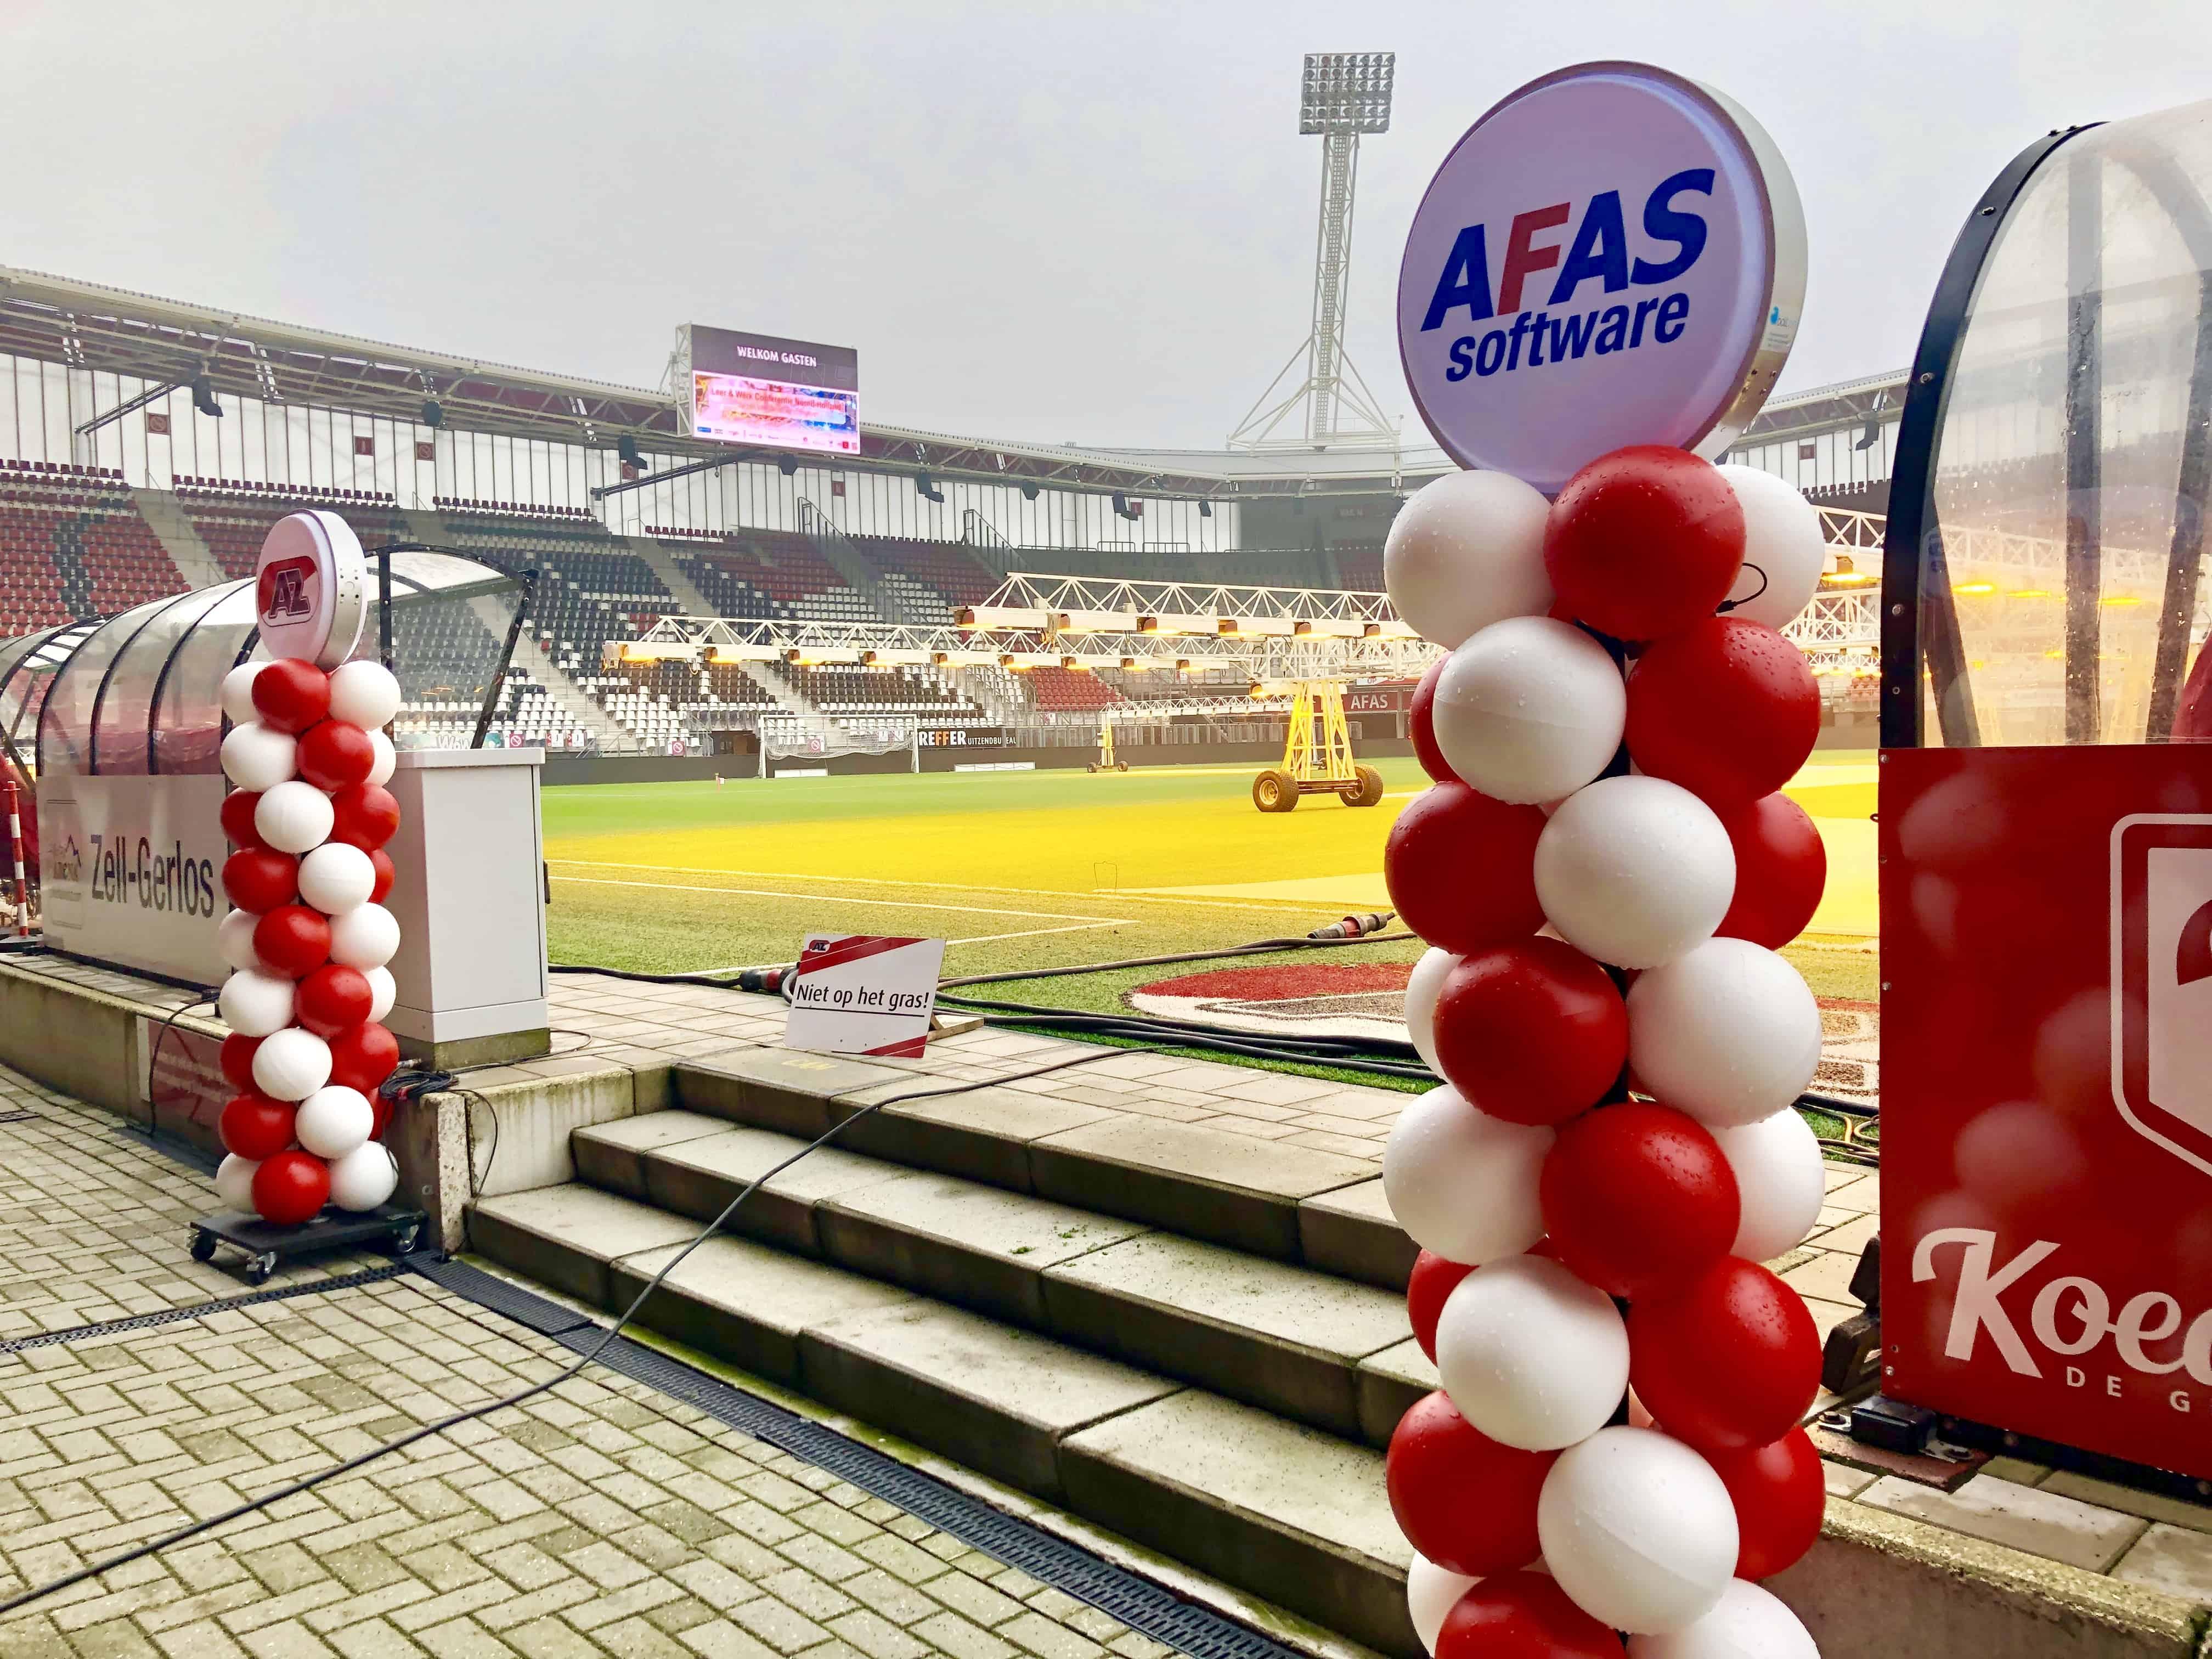 AFAS stadion met duurzame ballonnen